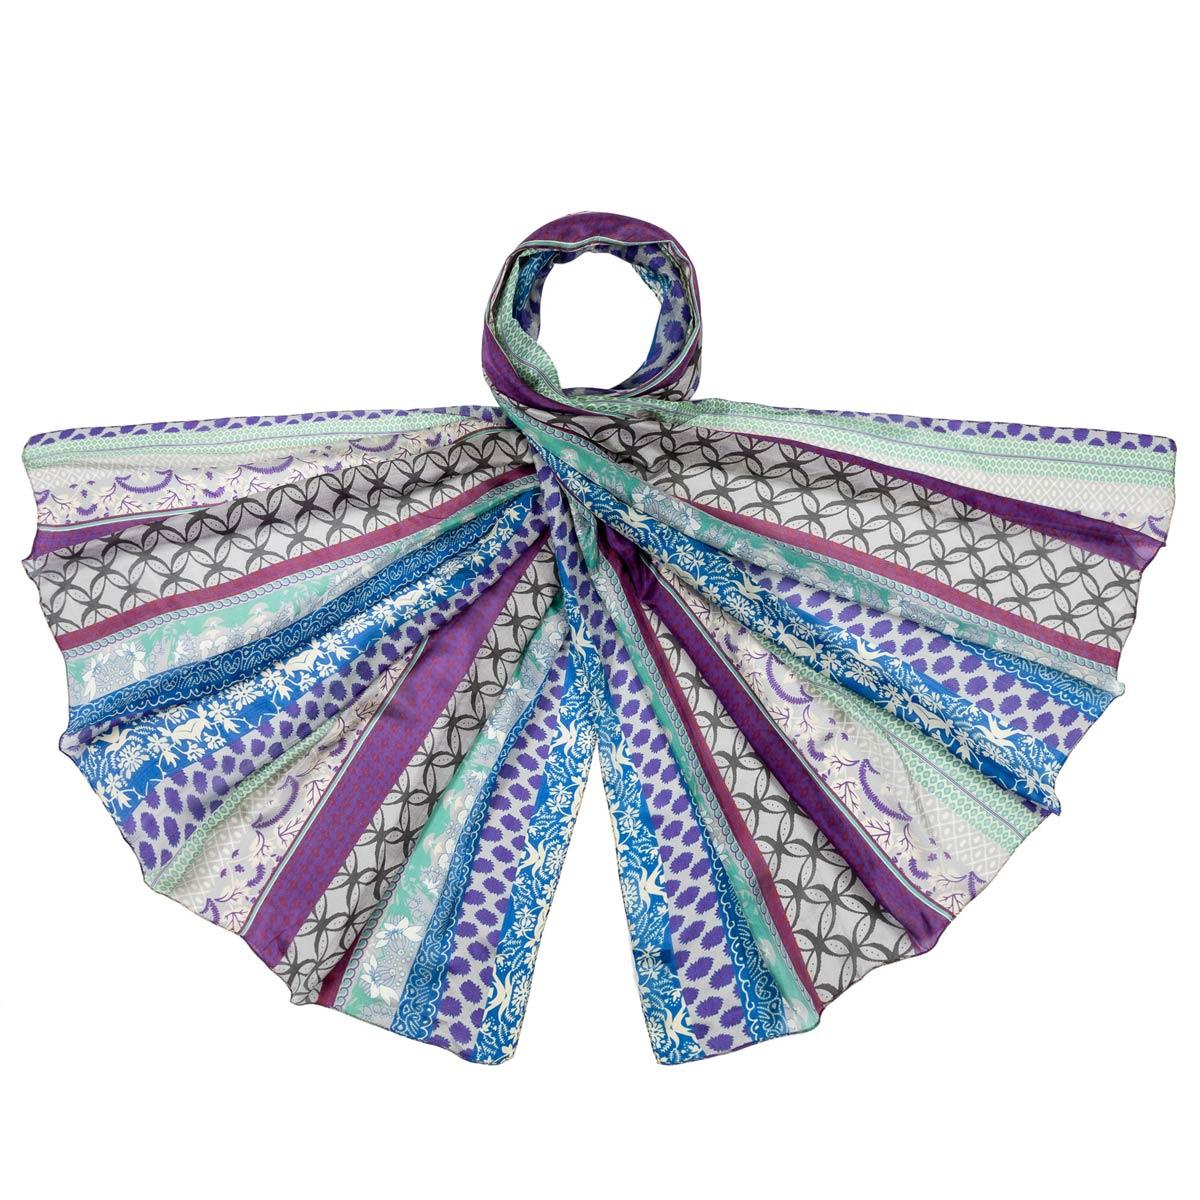 AT-06345-F12-etole-en-soie-bandes-frises-bleues